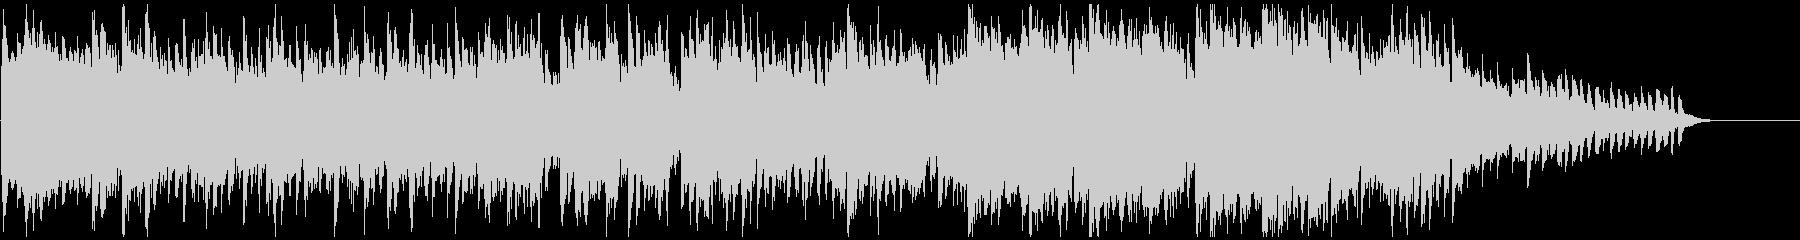 幽玄な和風エレクトロニカ ※60秒版の未再生の波形